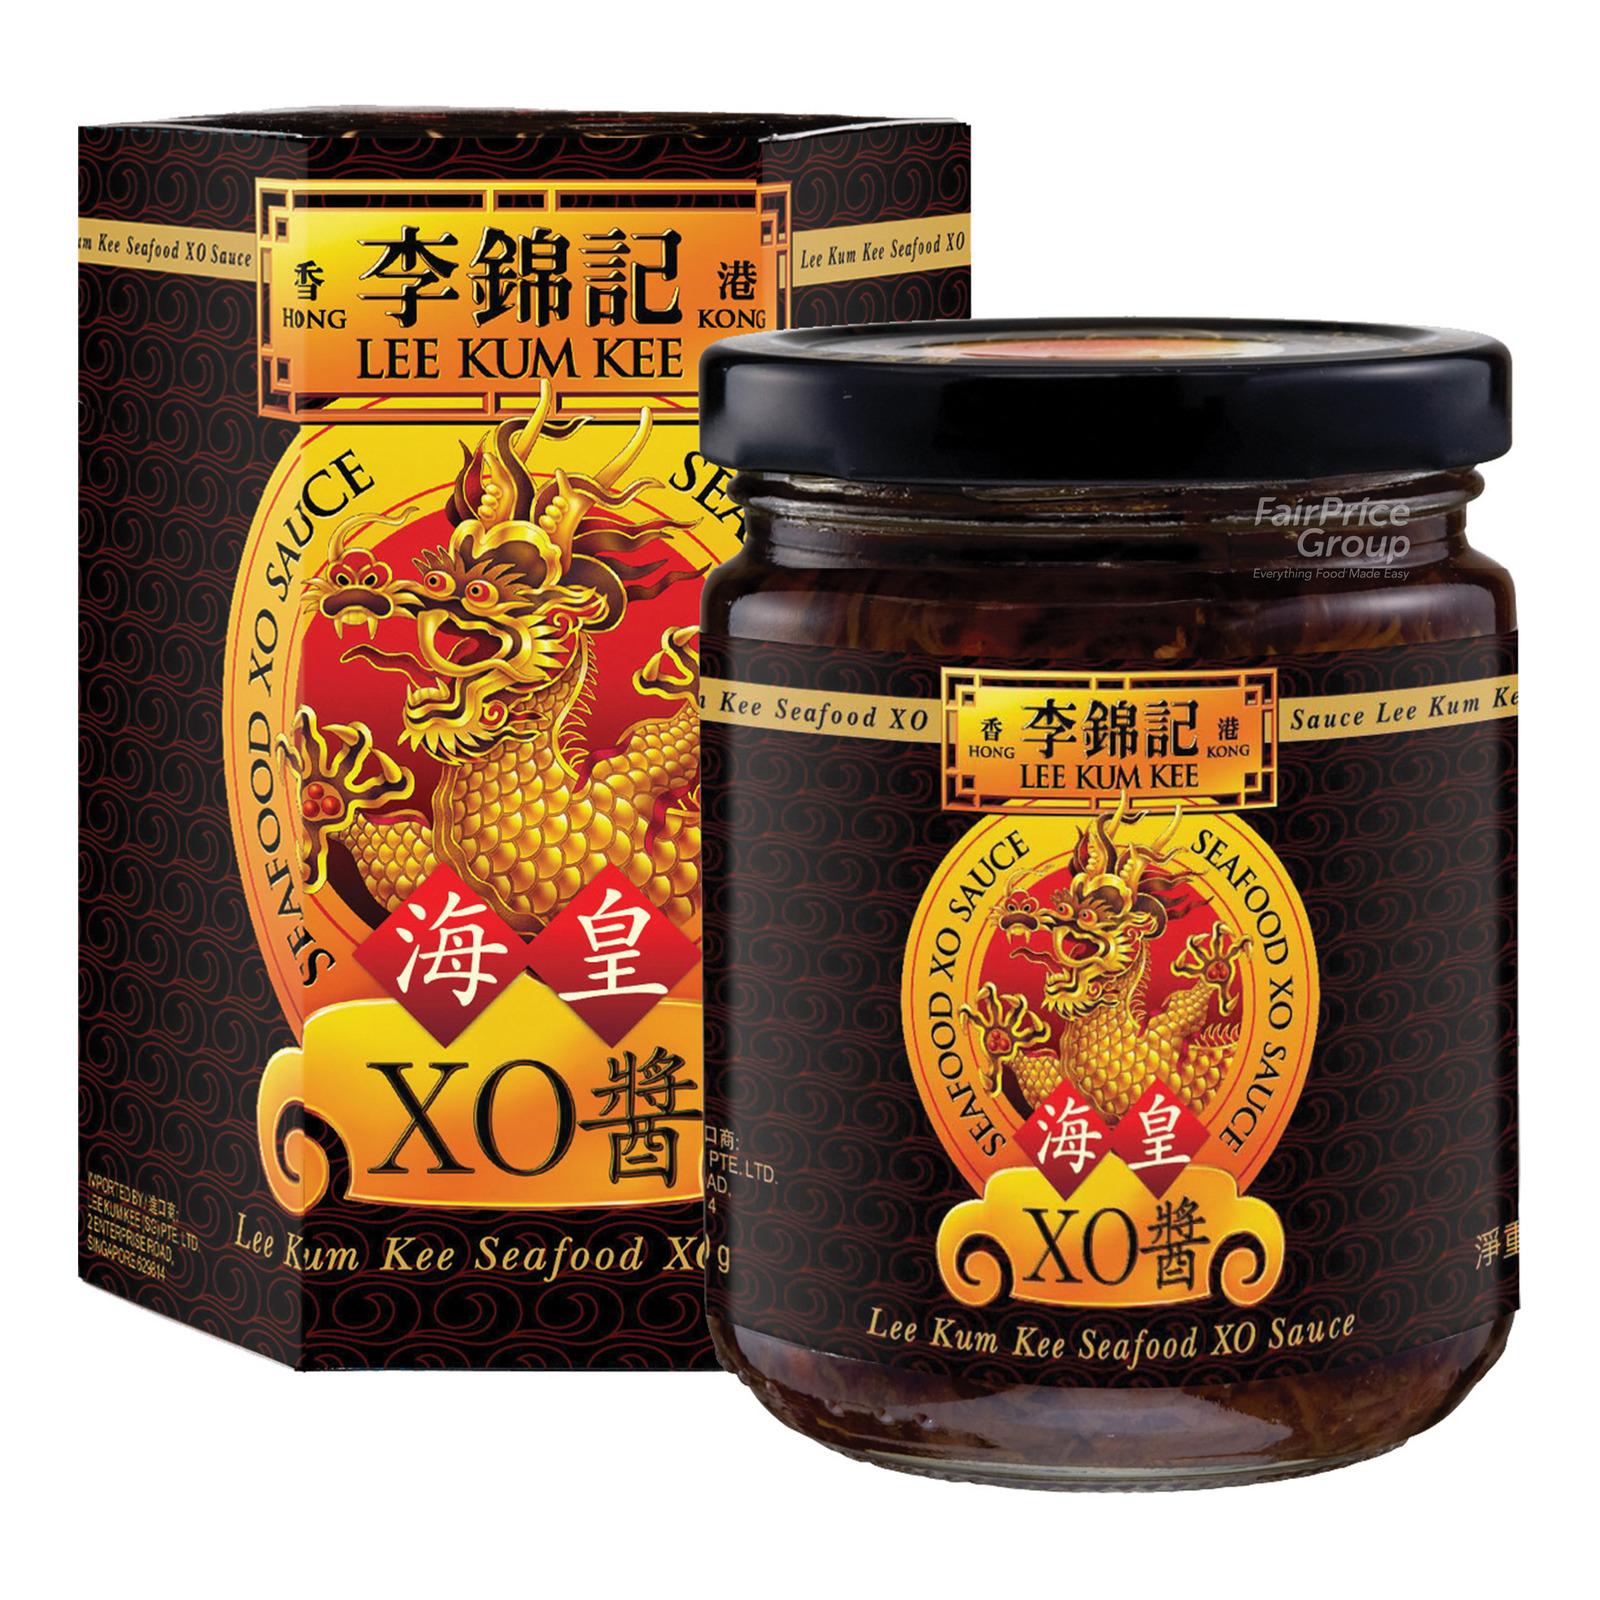 Lee Kum Kee XO Sauce - Seafood